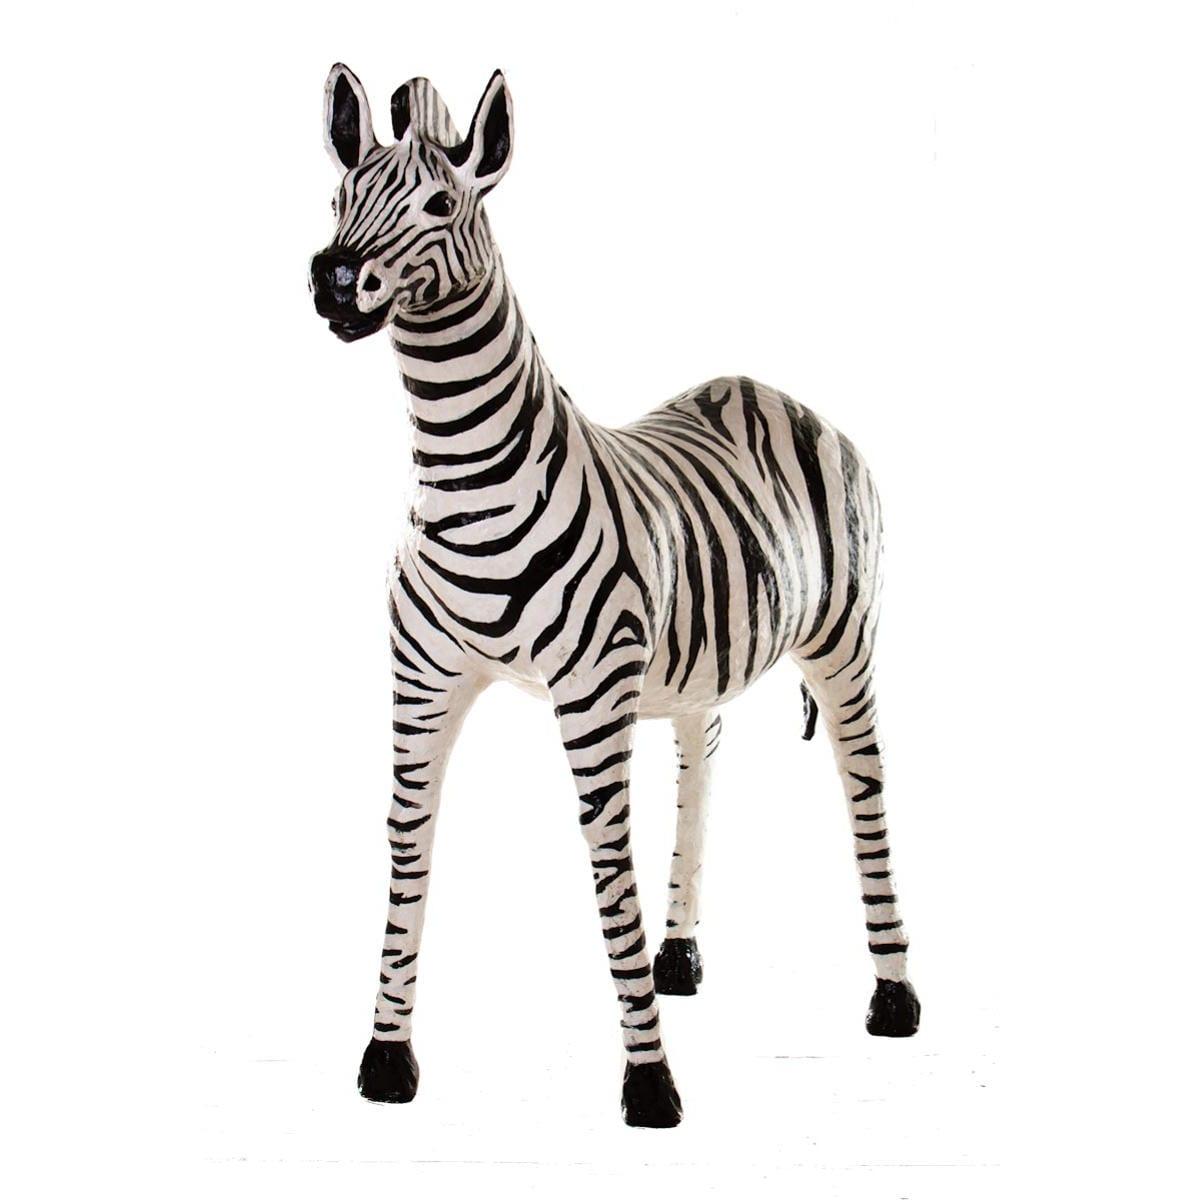 Life-Size Zebra Papier-mâché